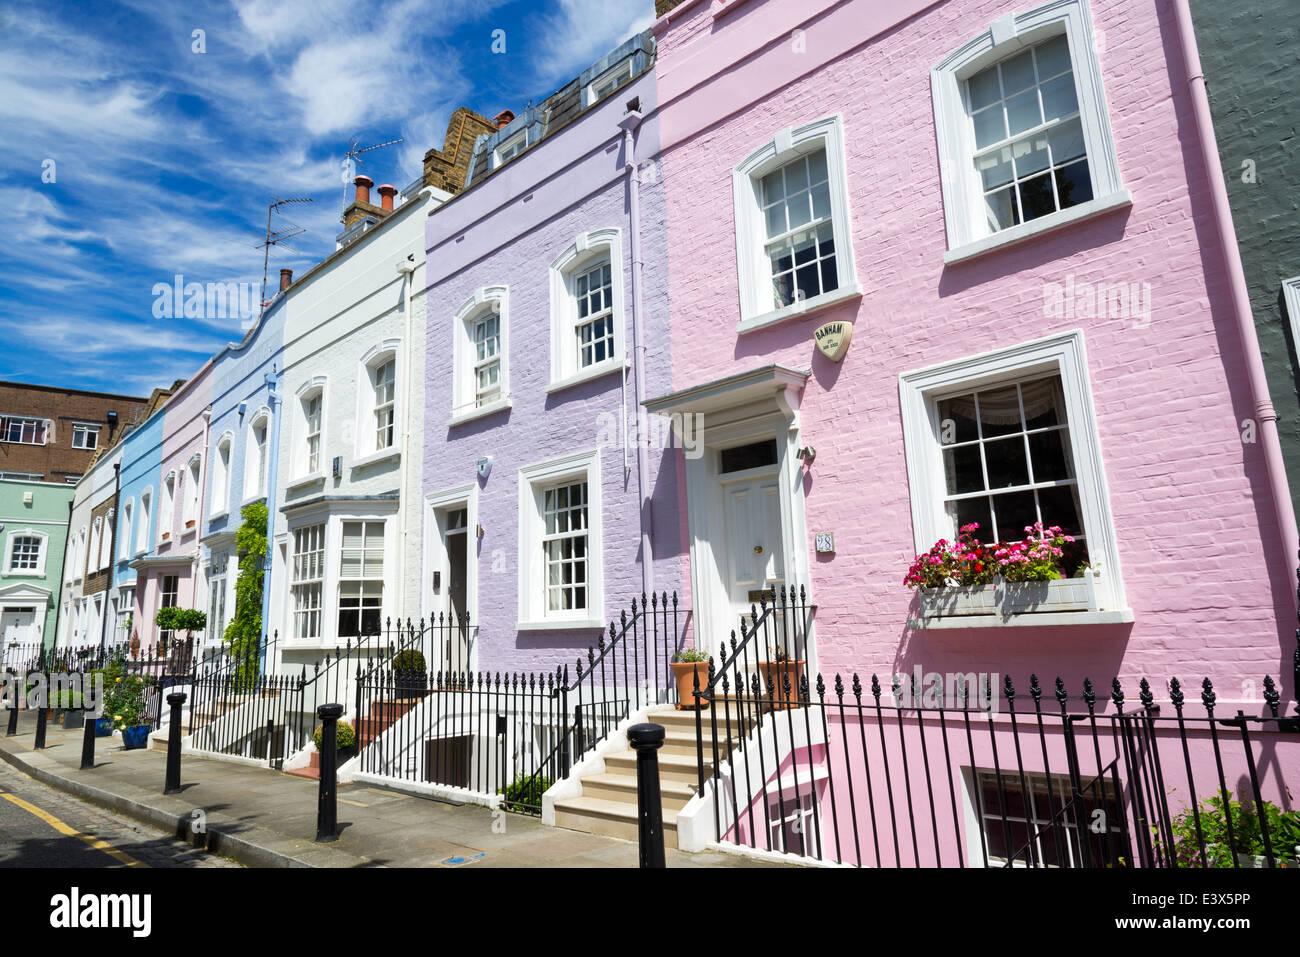 Bunte Reihe von Stadt-Reihenhäuser auf Bywater Street, Chelsea, London, England, UK Stockbild